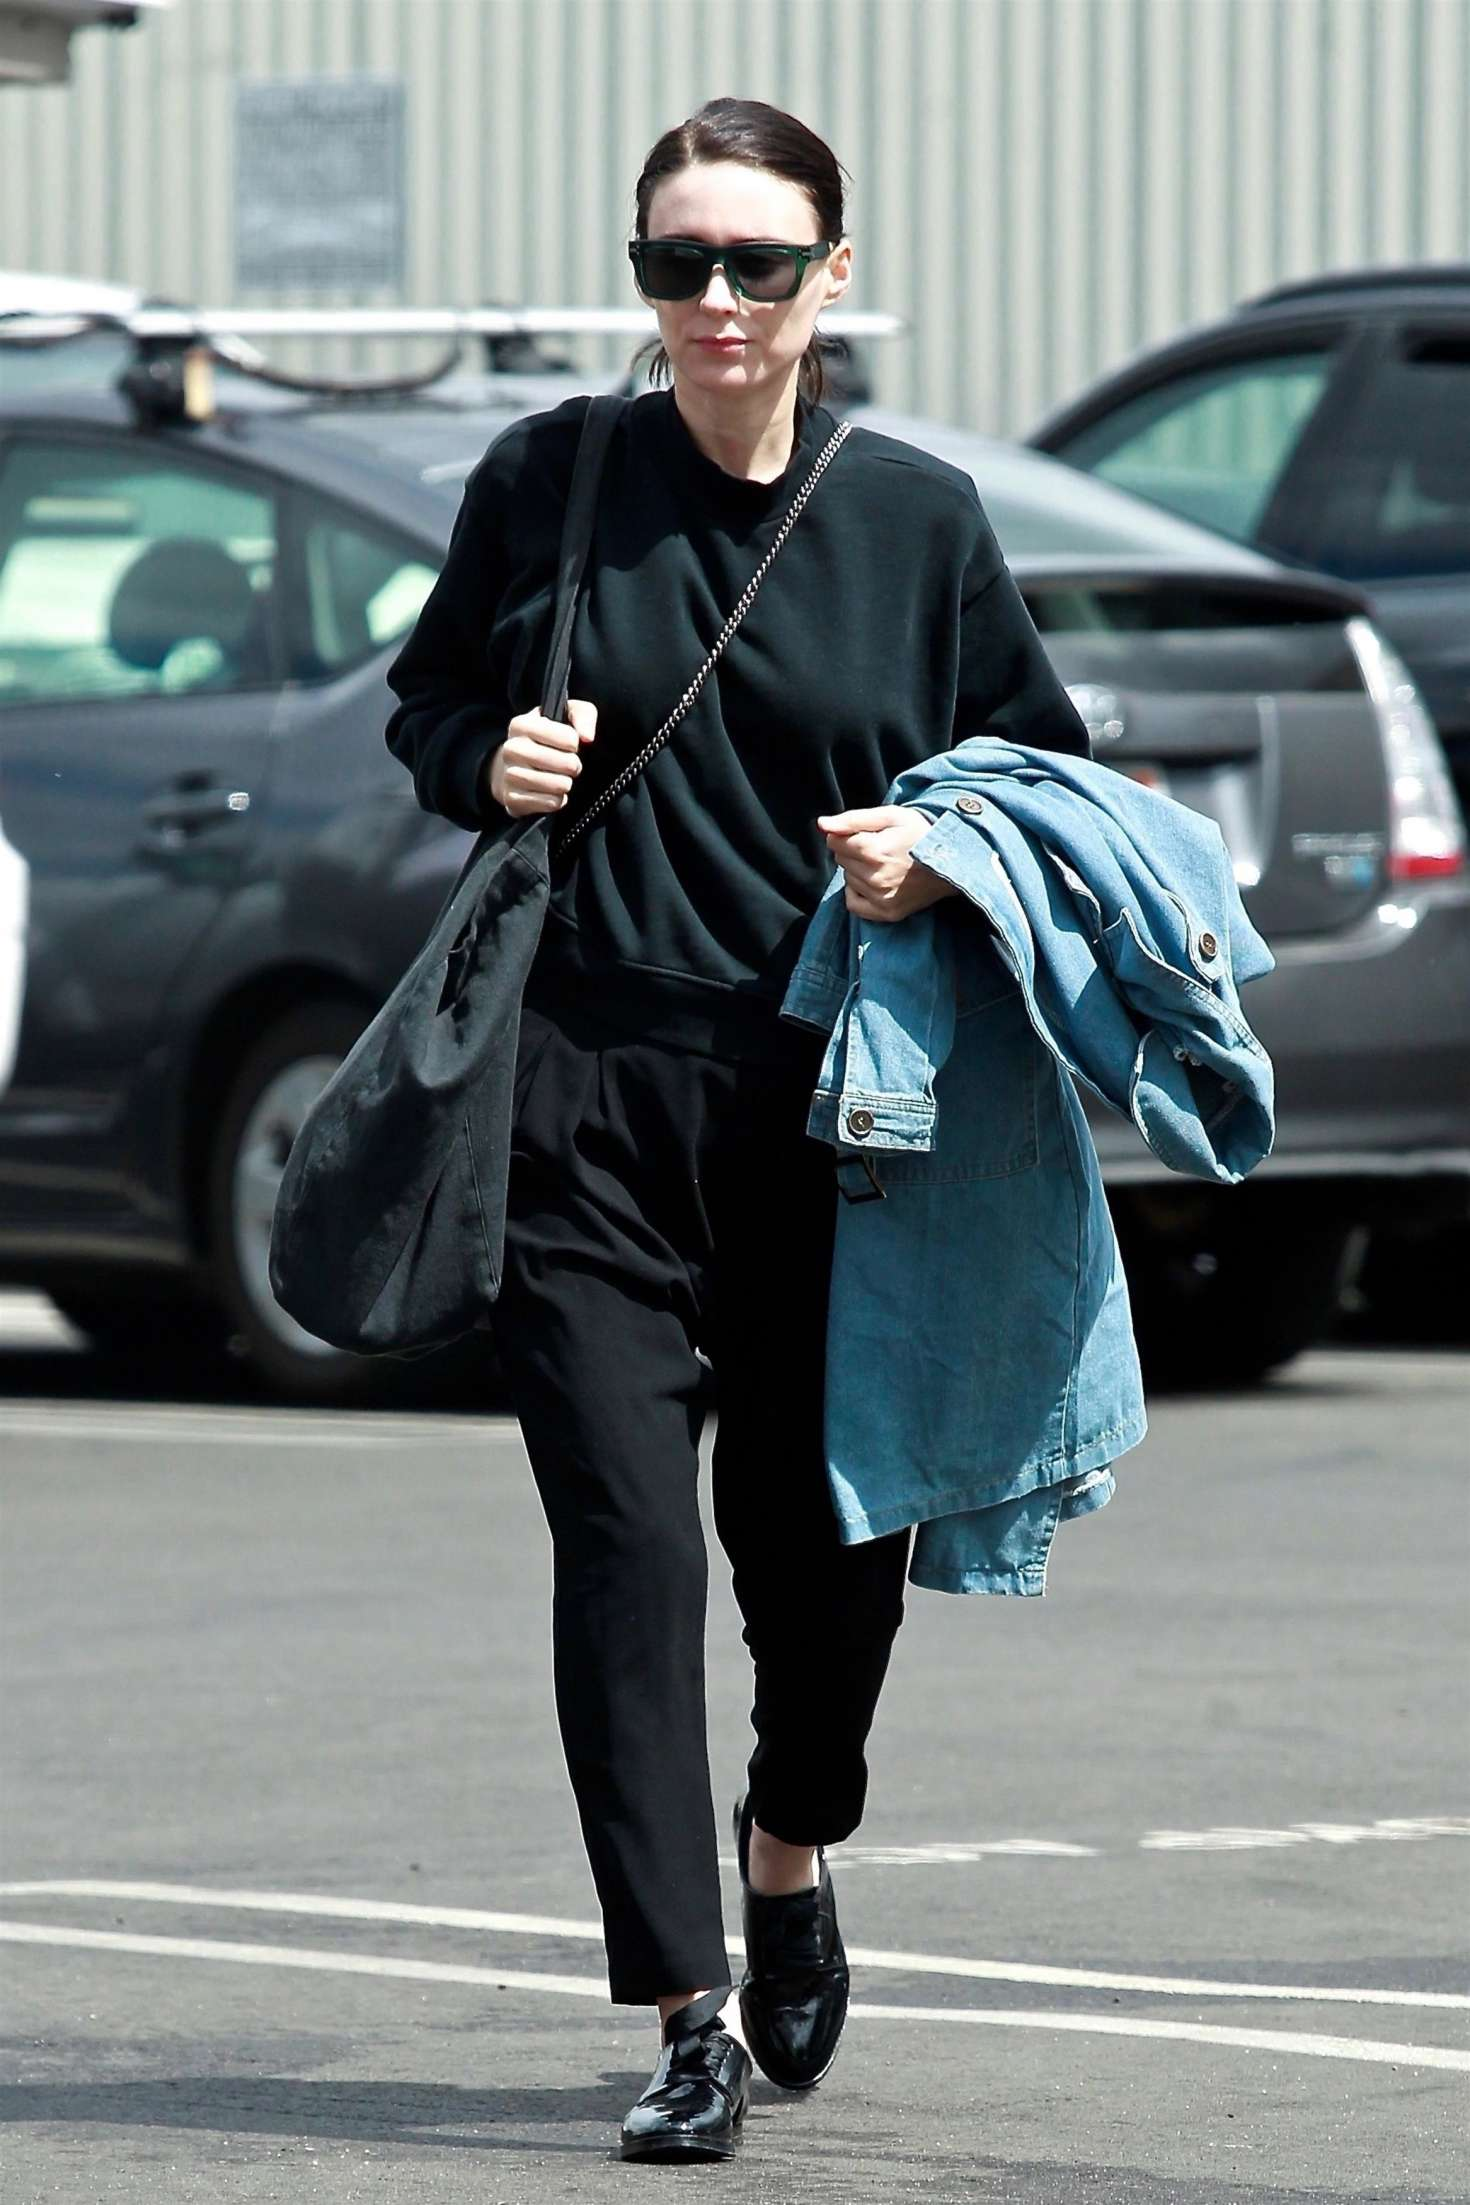 Rooney Mara 2018 : Rooney Mara in Black Out in Los Angeles -04